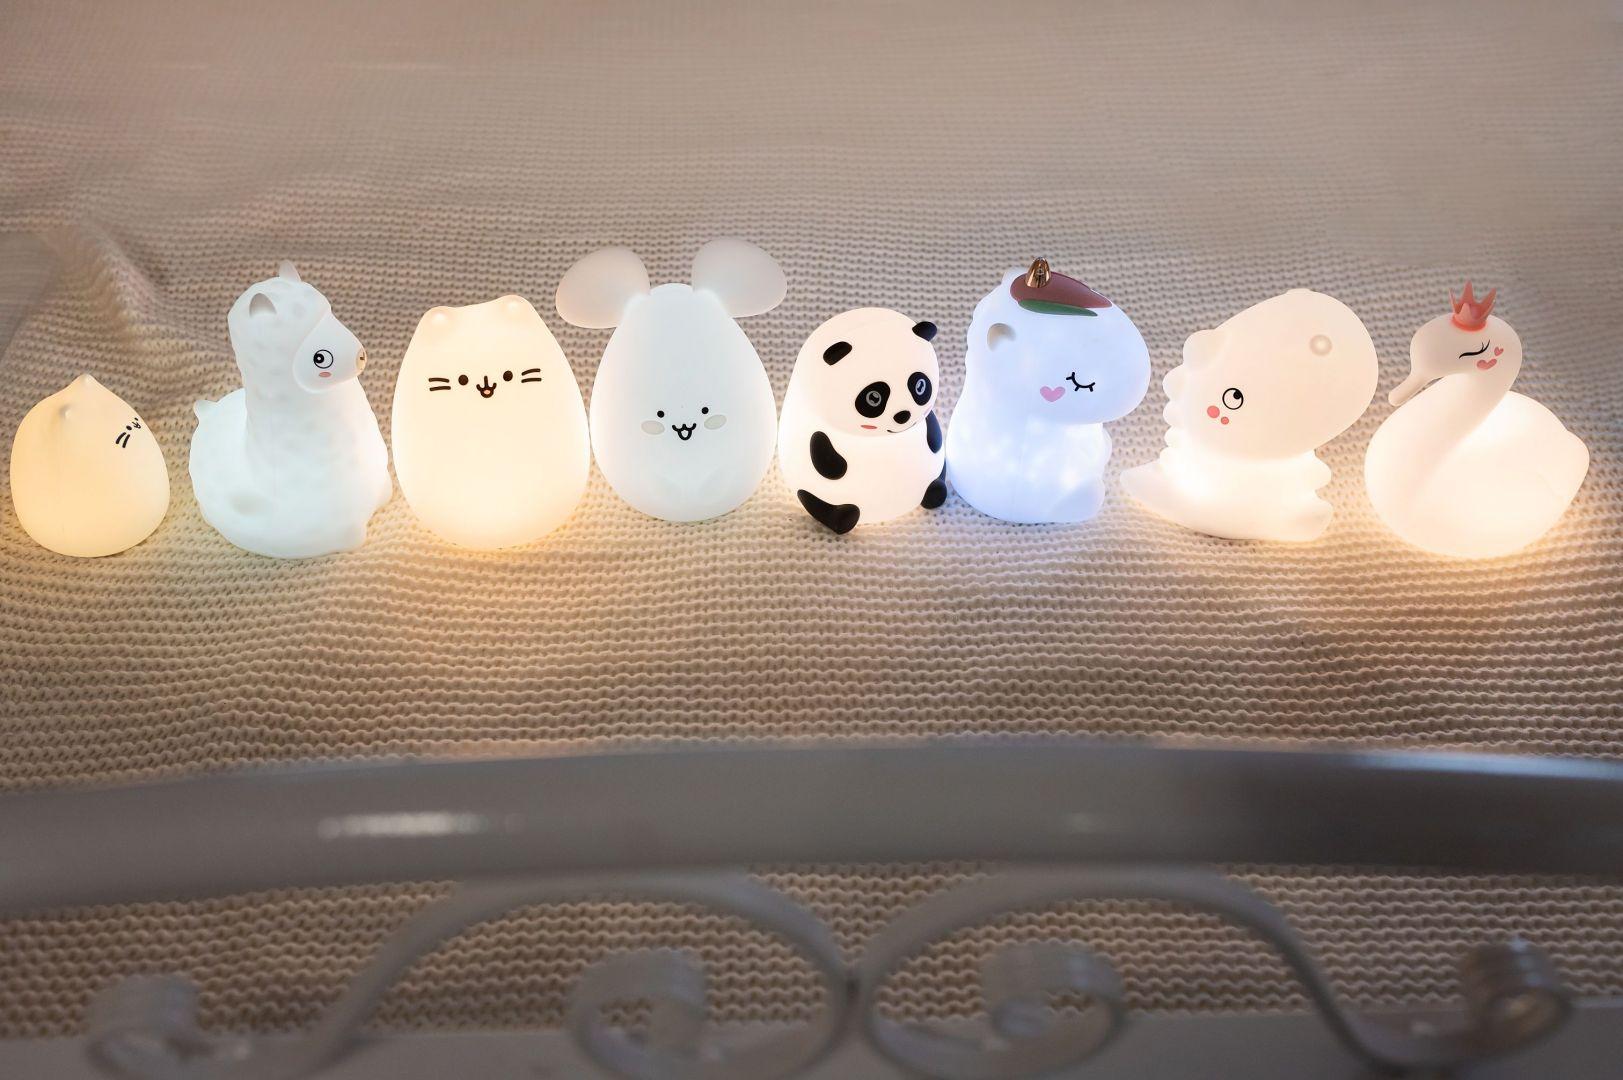 Ciepłe i delikatne światło lampki zapewni w pokoju dziecięcym cudowny klimat. Fot. InnoGIO